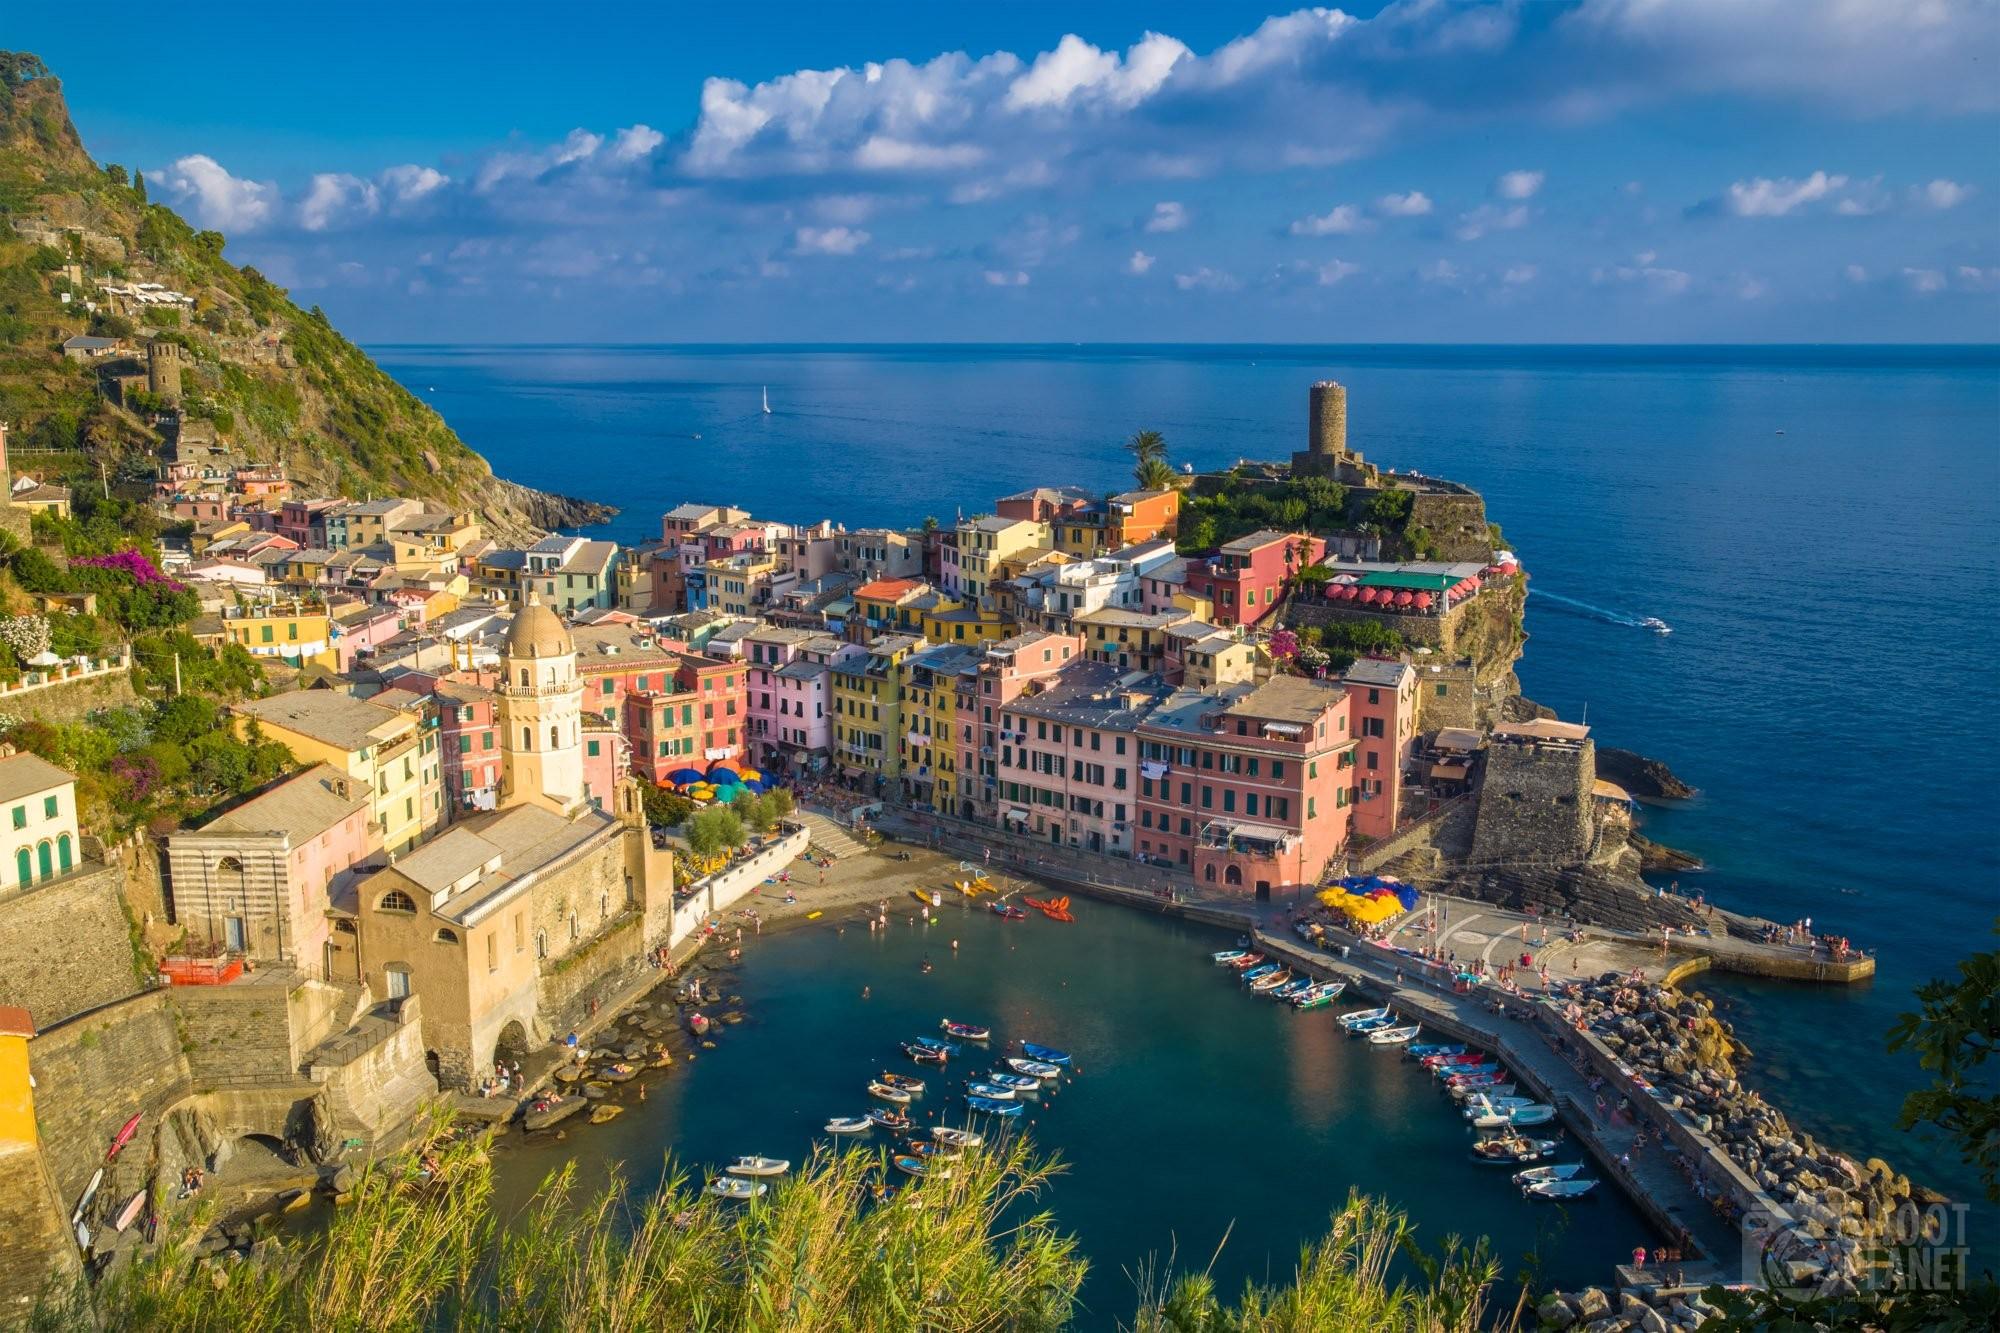 Colorful Vernazza village in Cinque Terre Italy